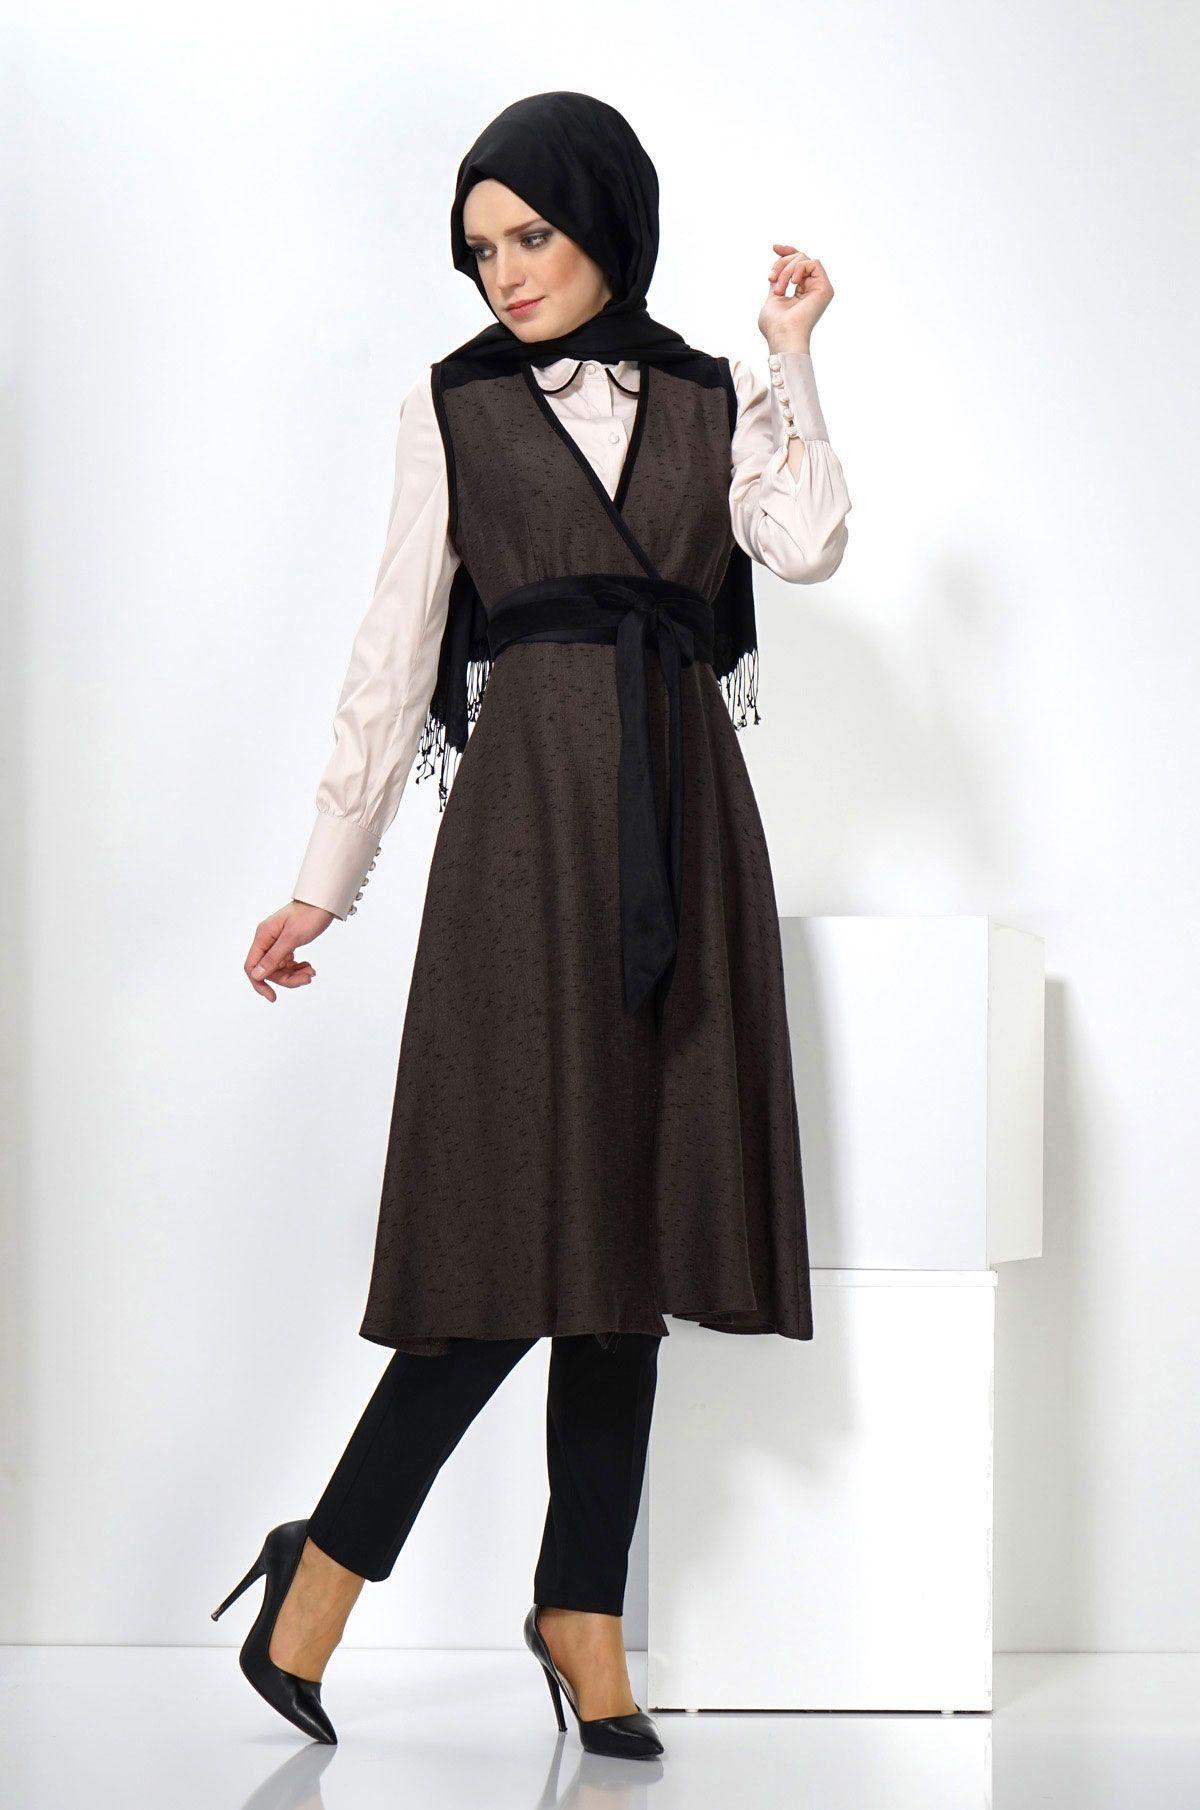 Alvina Online Alisveris Tesettur Giyim Esarp Kaban Kap Etek Ceket Tunik Pantalon Elbise Manto Pardesu Islami Moda Giyim Moda Stilleri